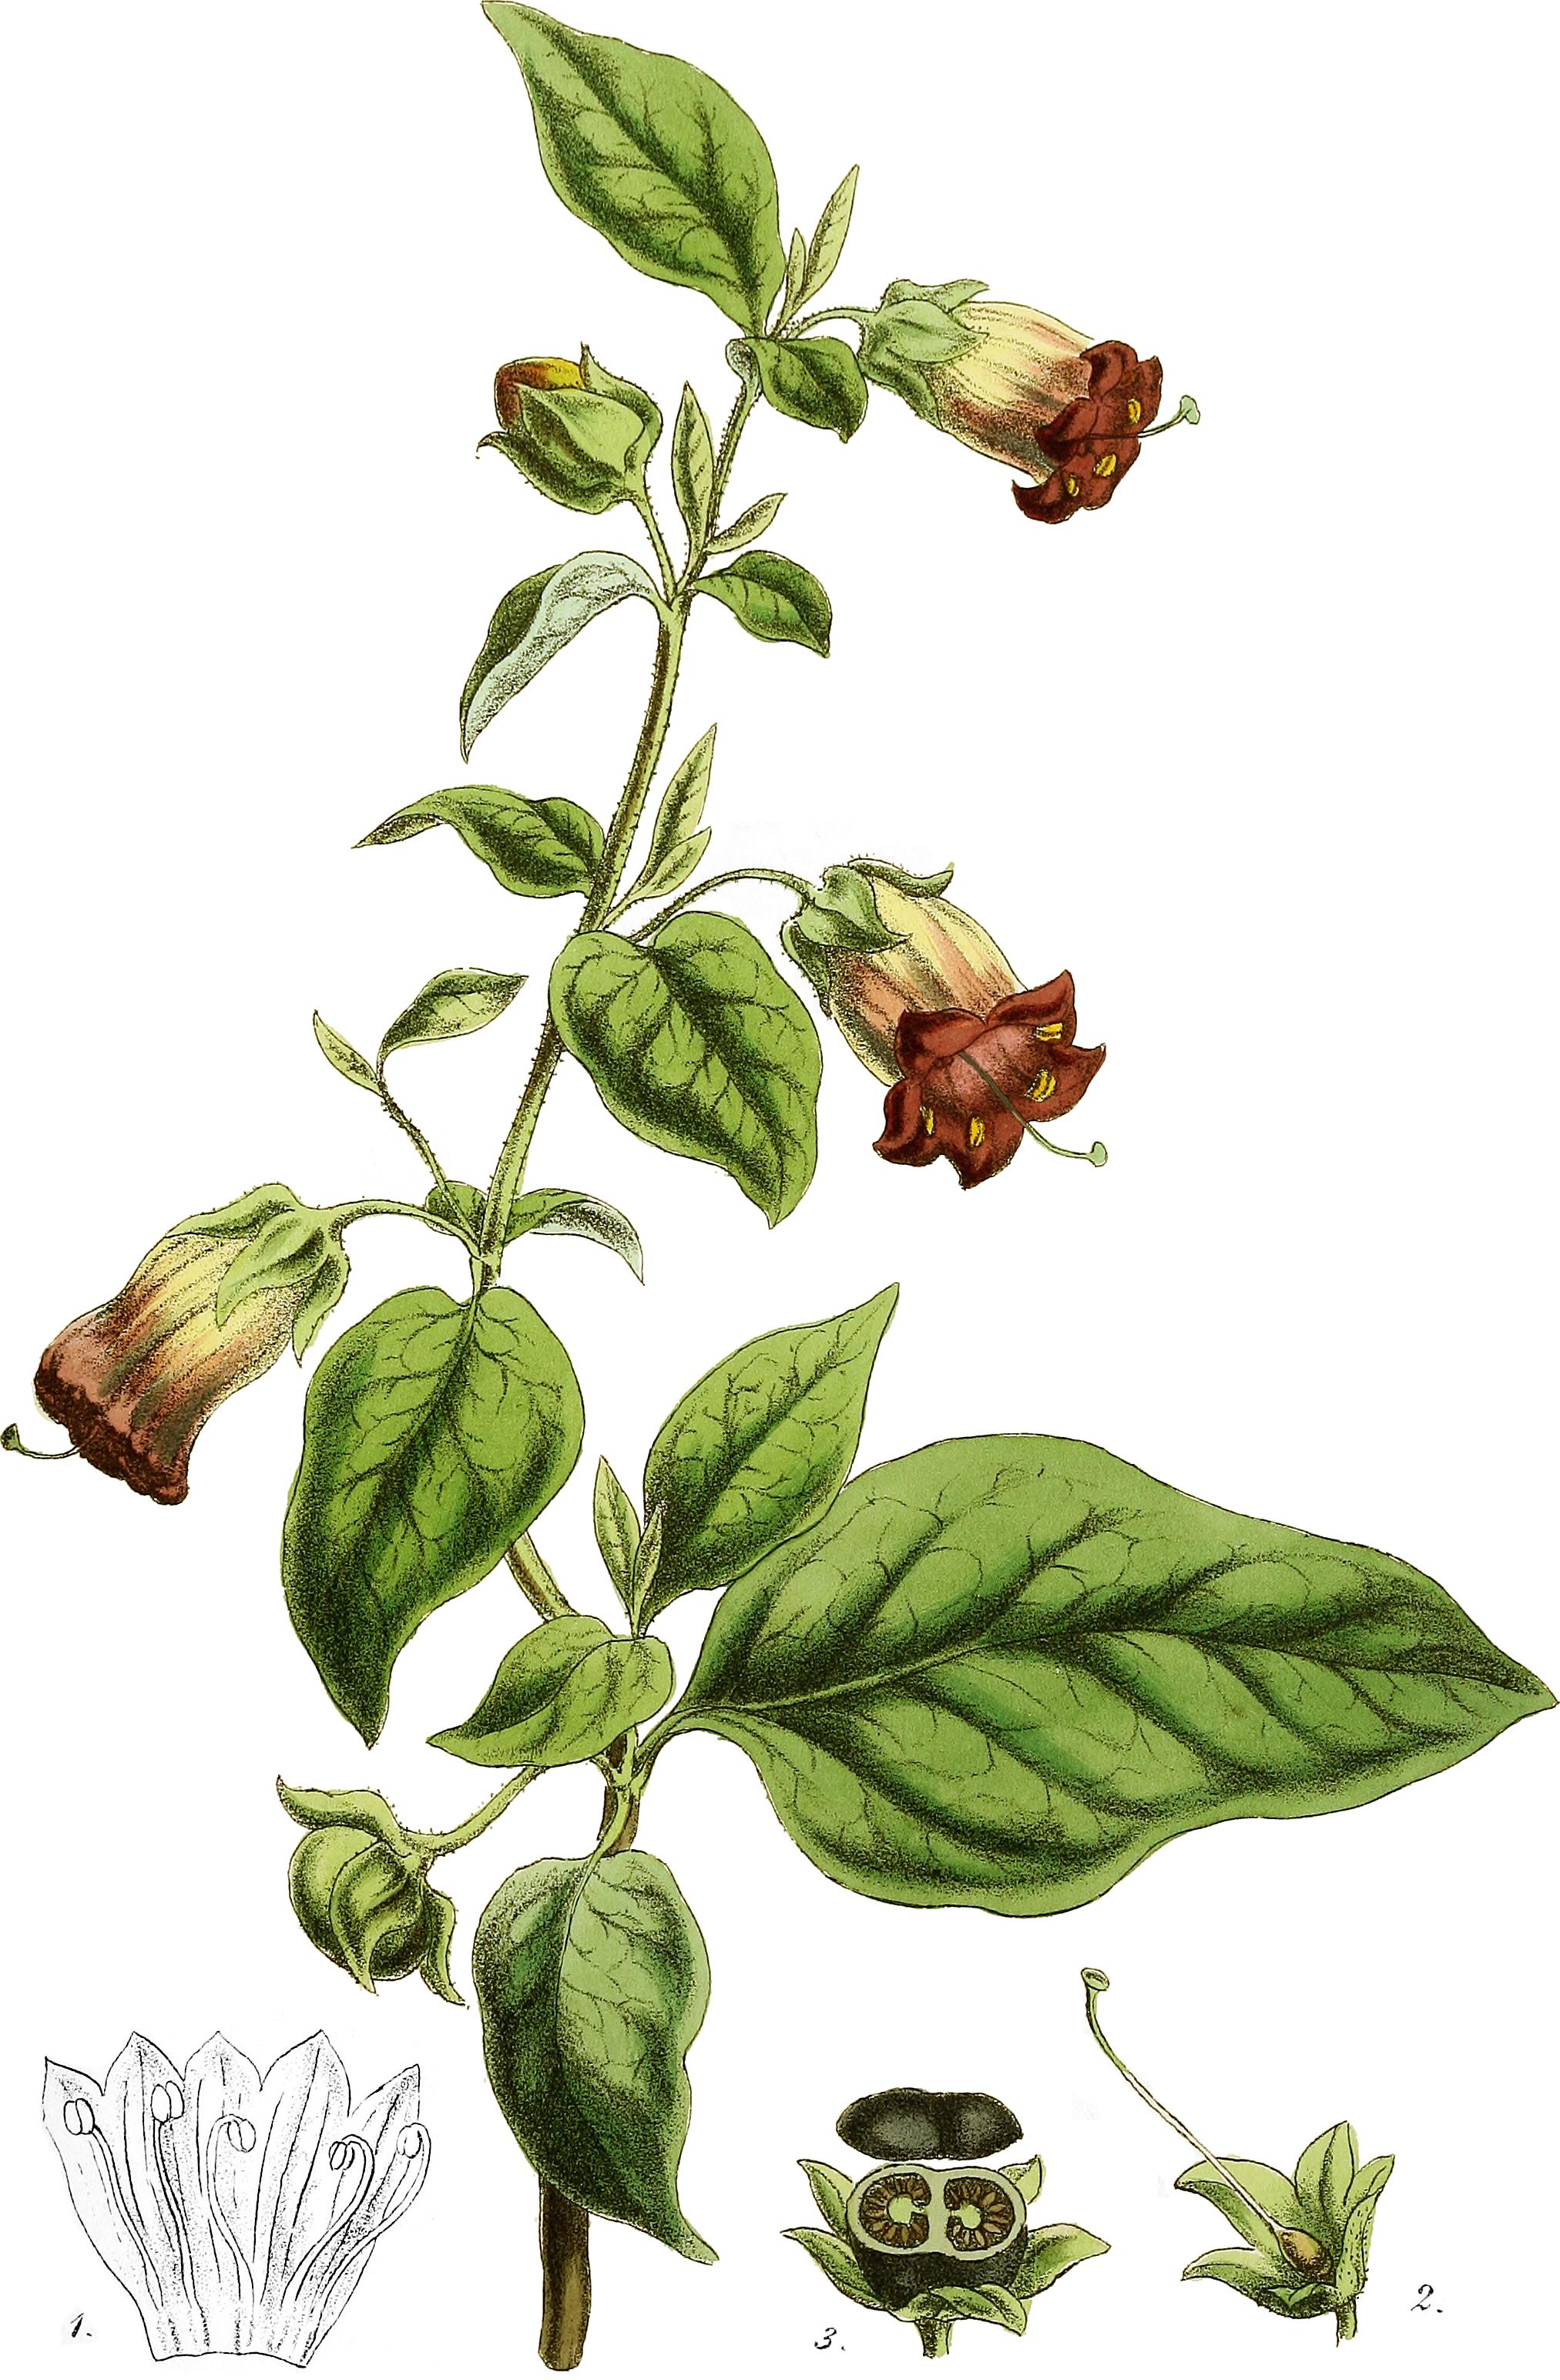 белладонна раскраска растение закрывается закроется пока